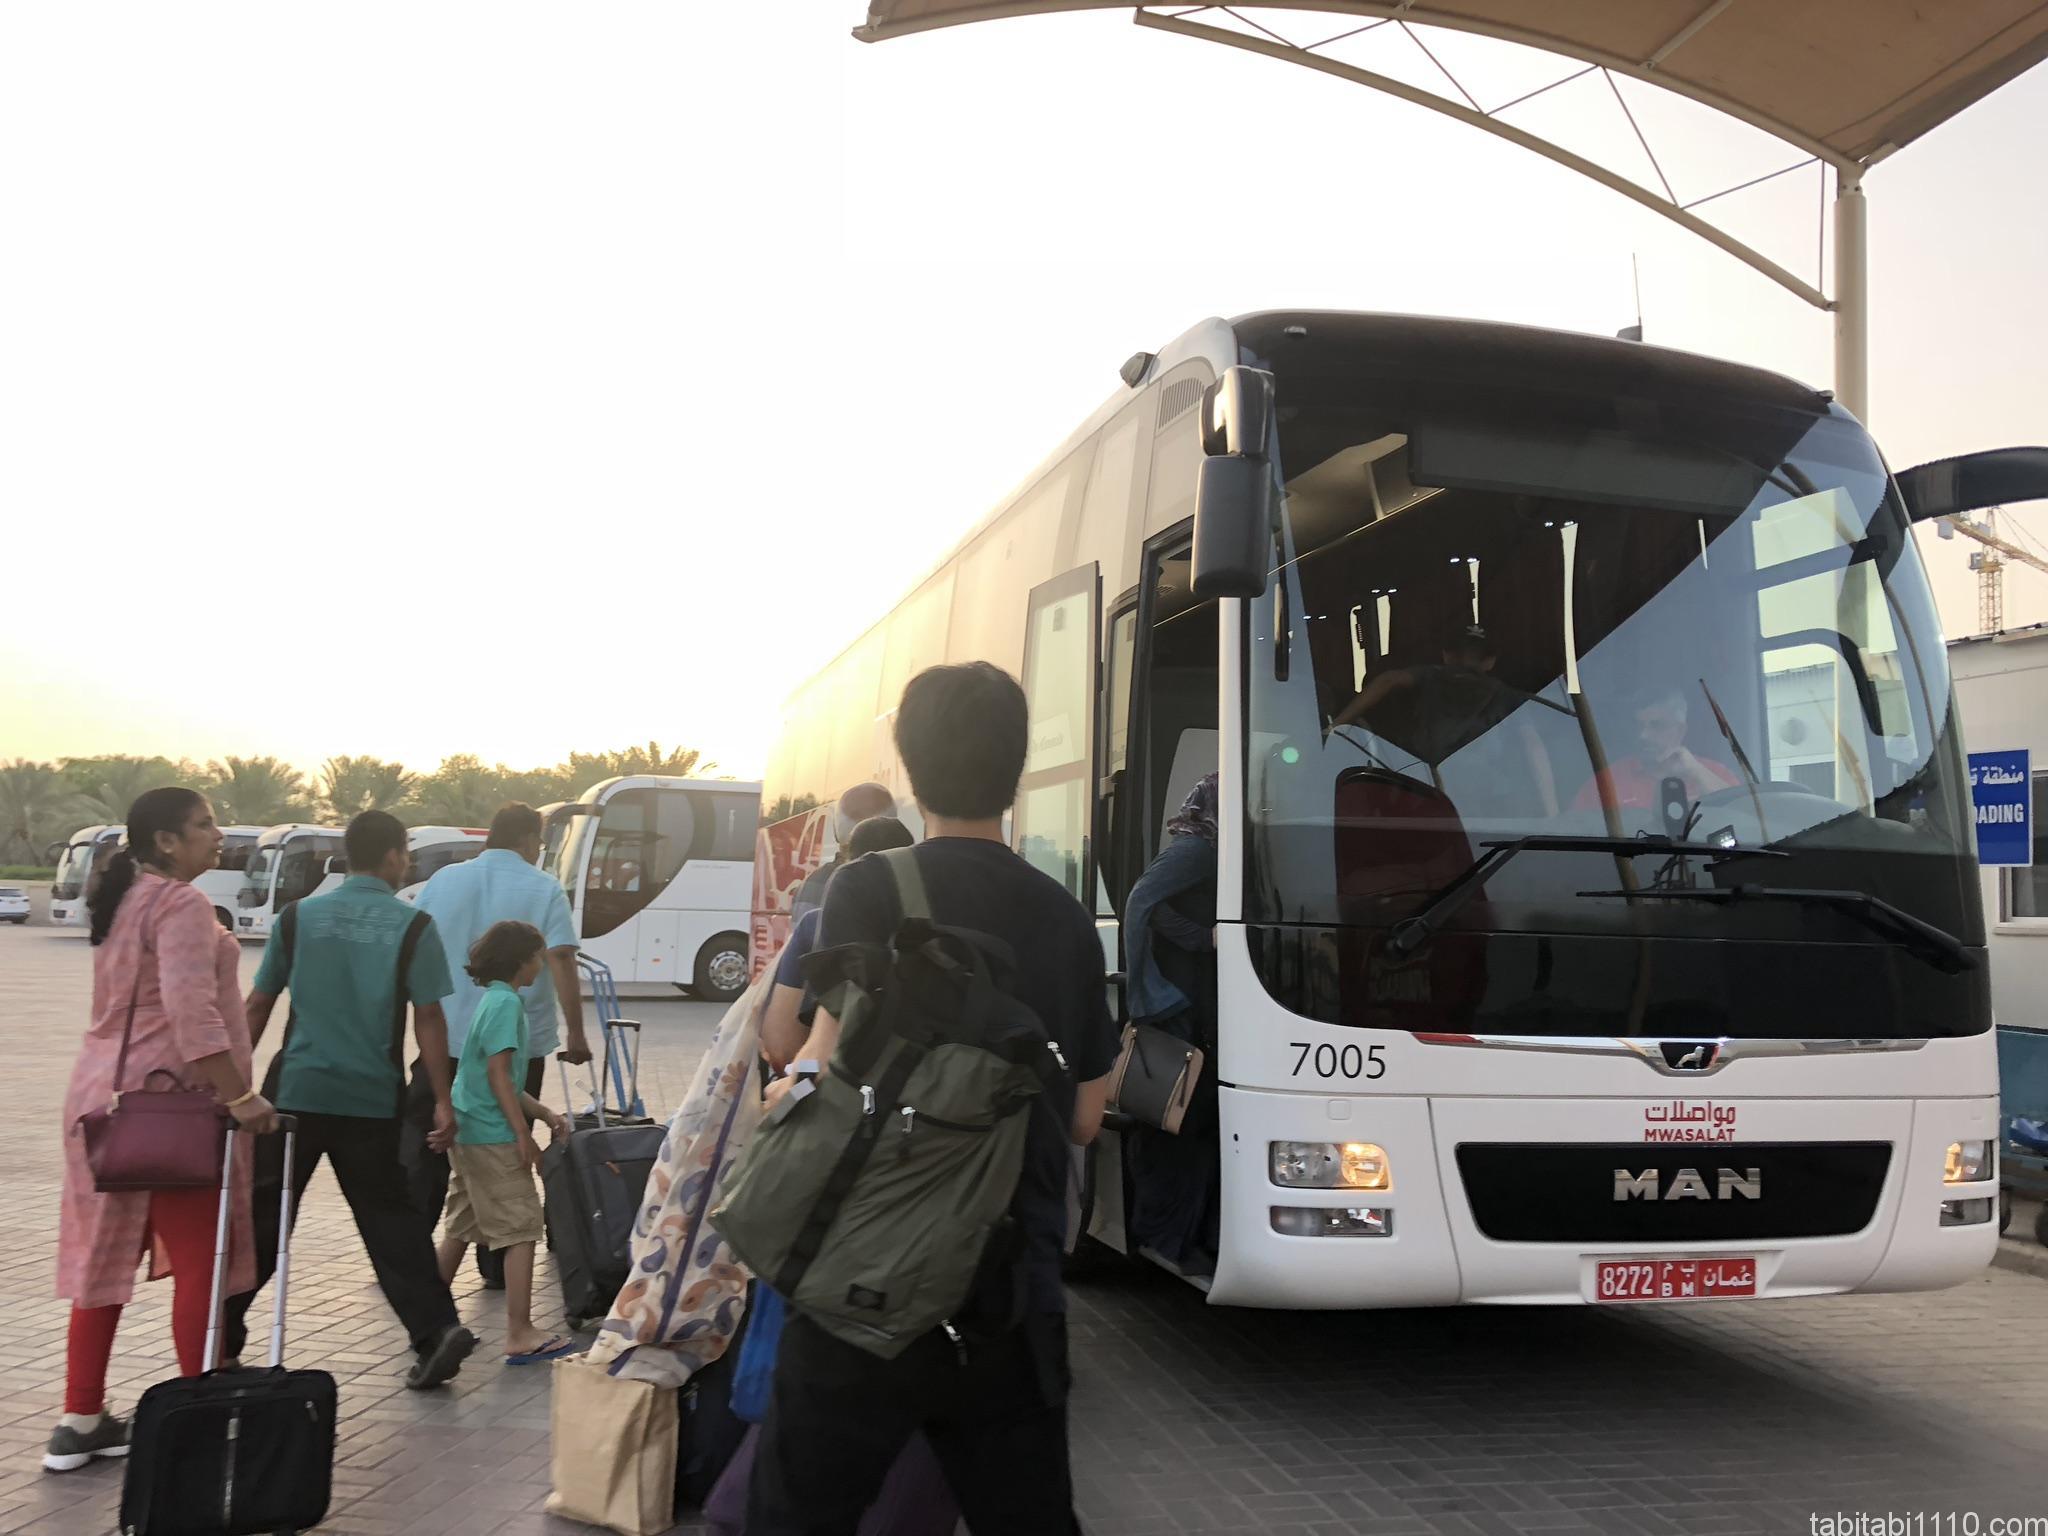 マスカットからドバイへのバス移動